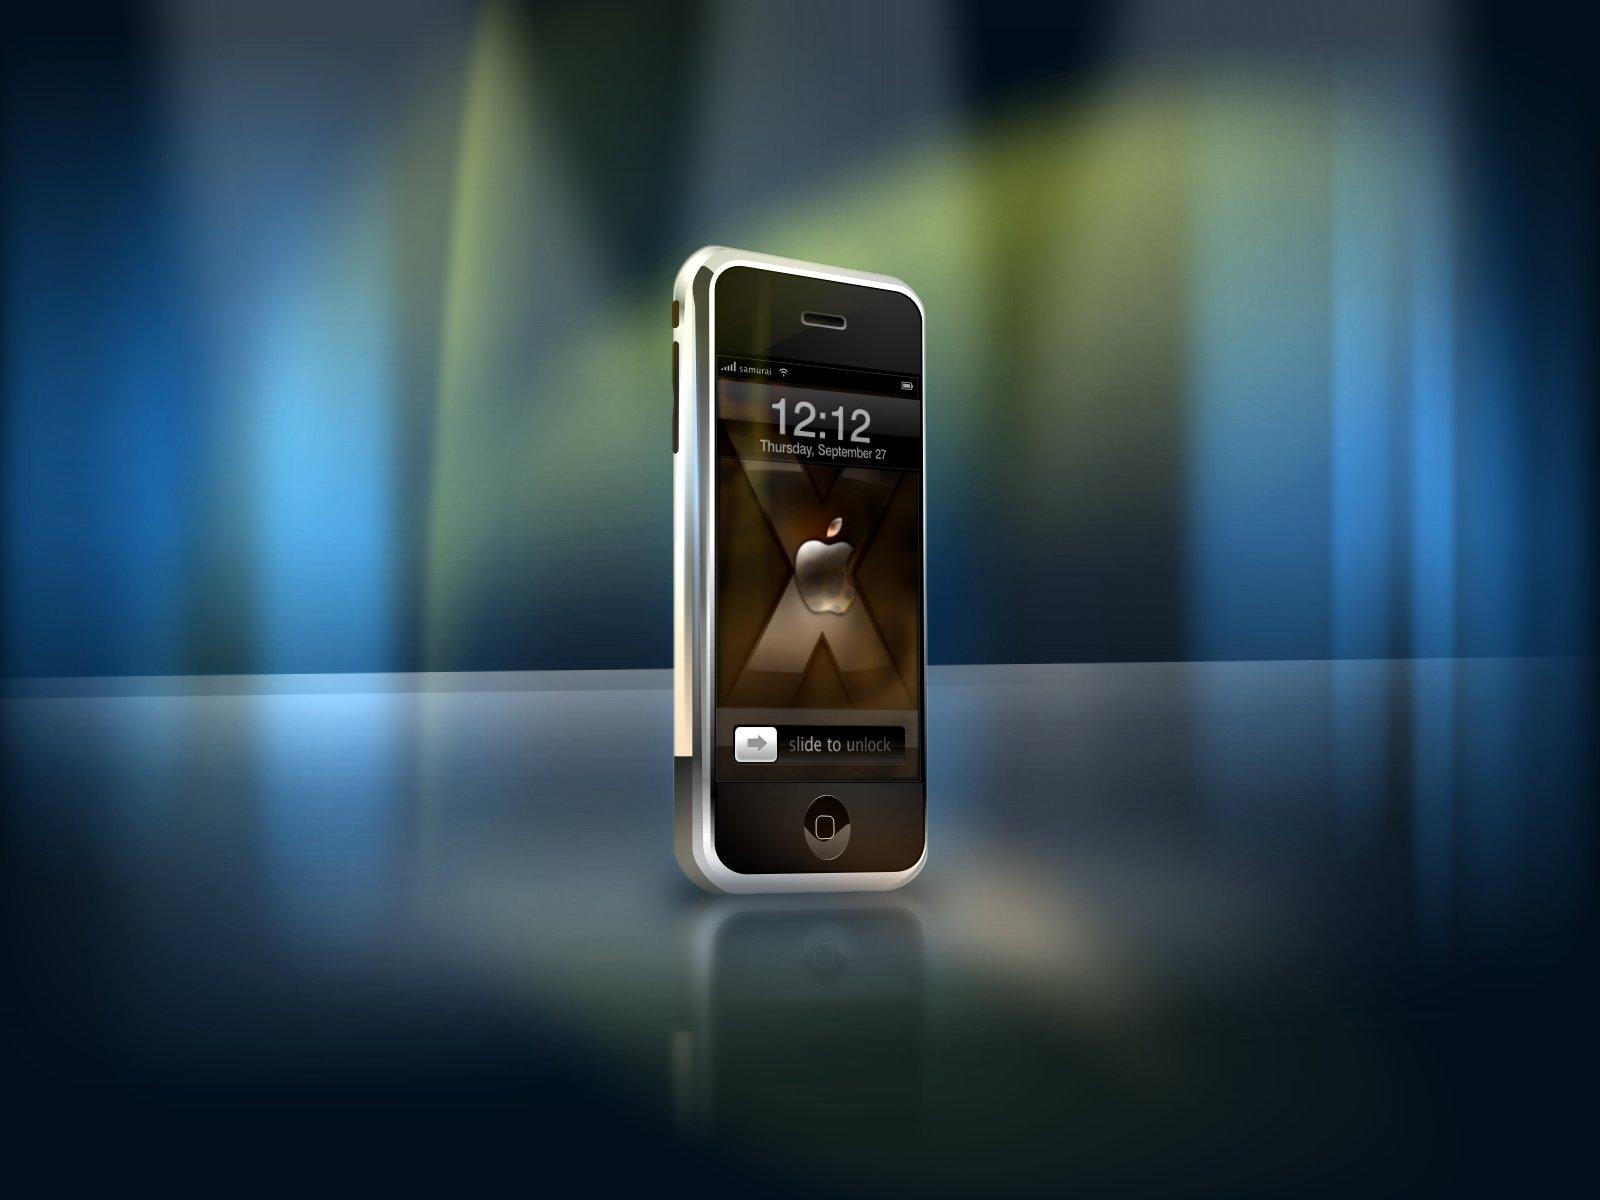 Wallpapers HD con imgenes del iPhone  Mil Recursos